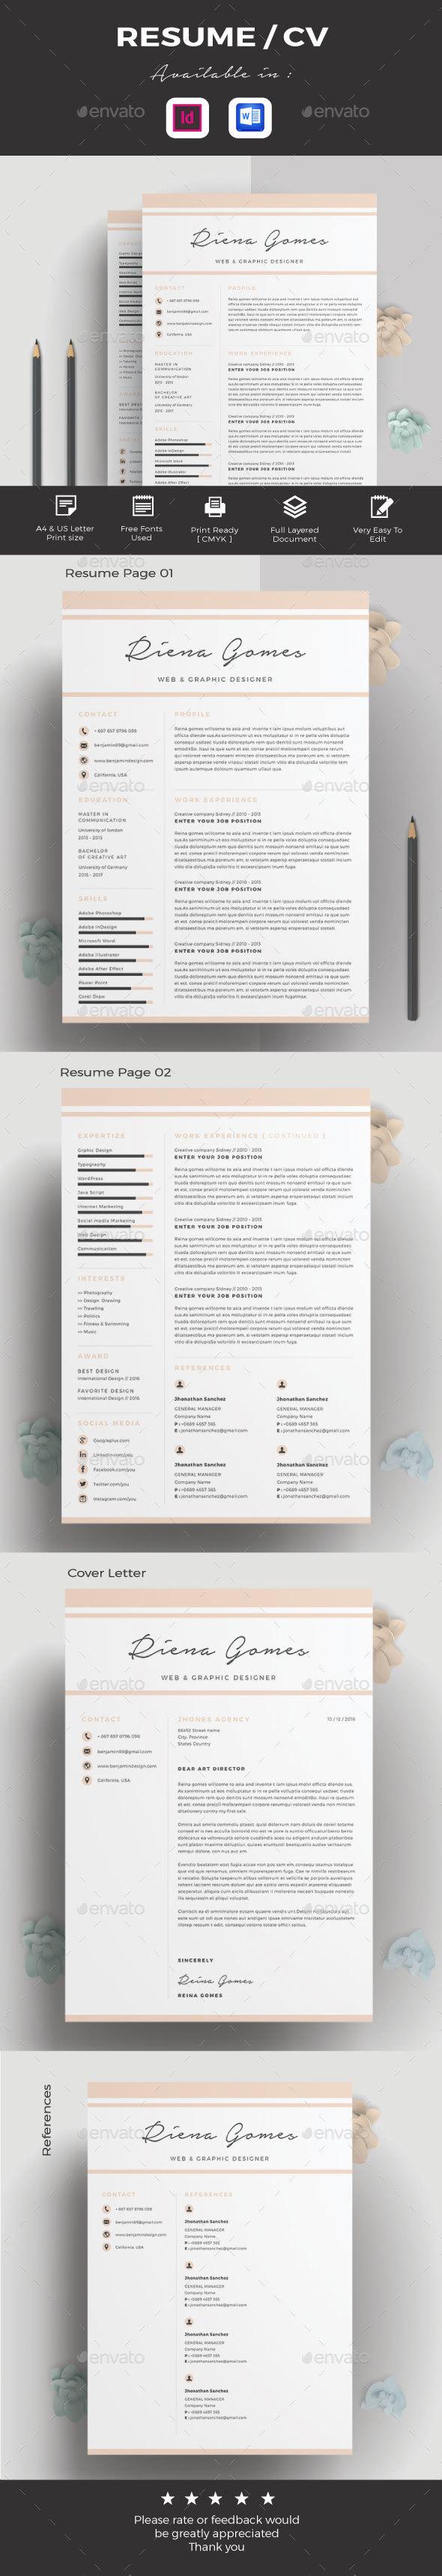 GraphicRiver Resume CV 20845444